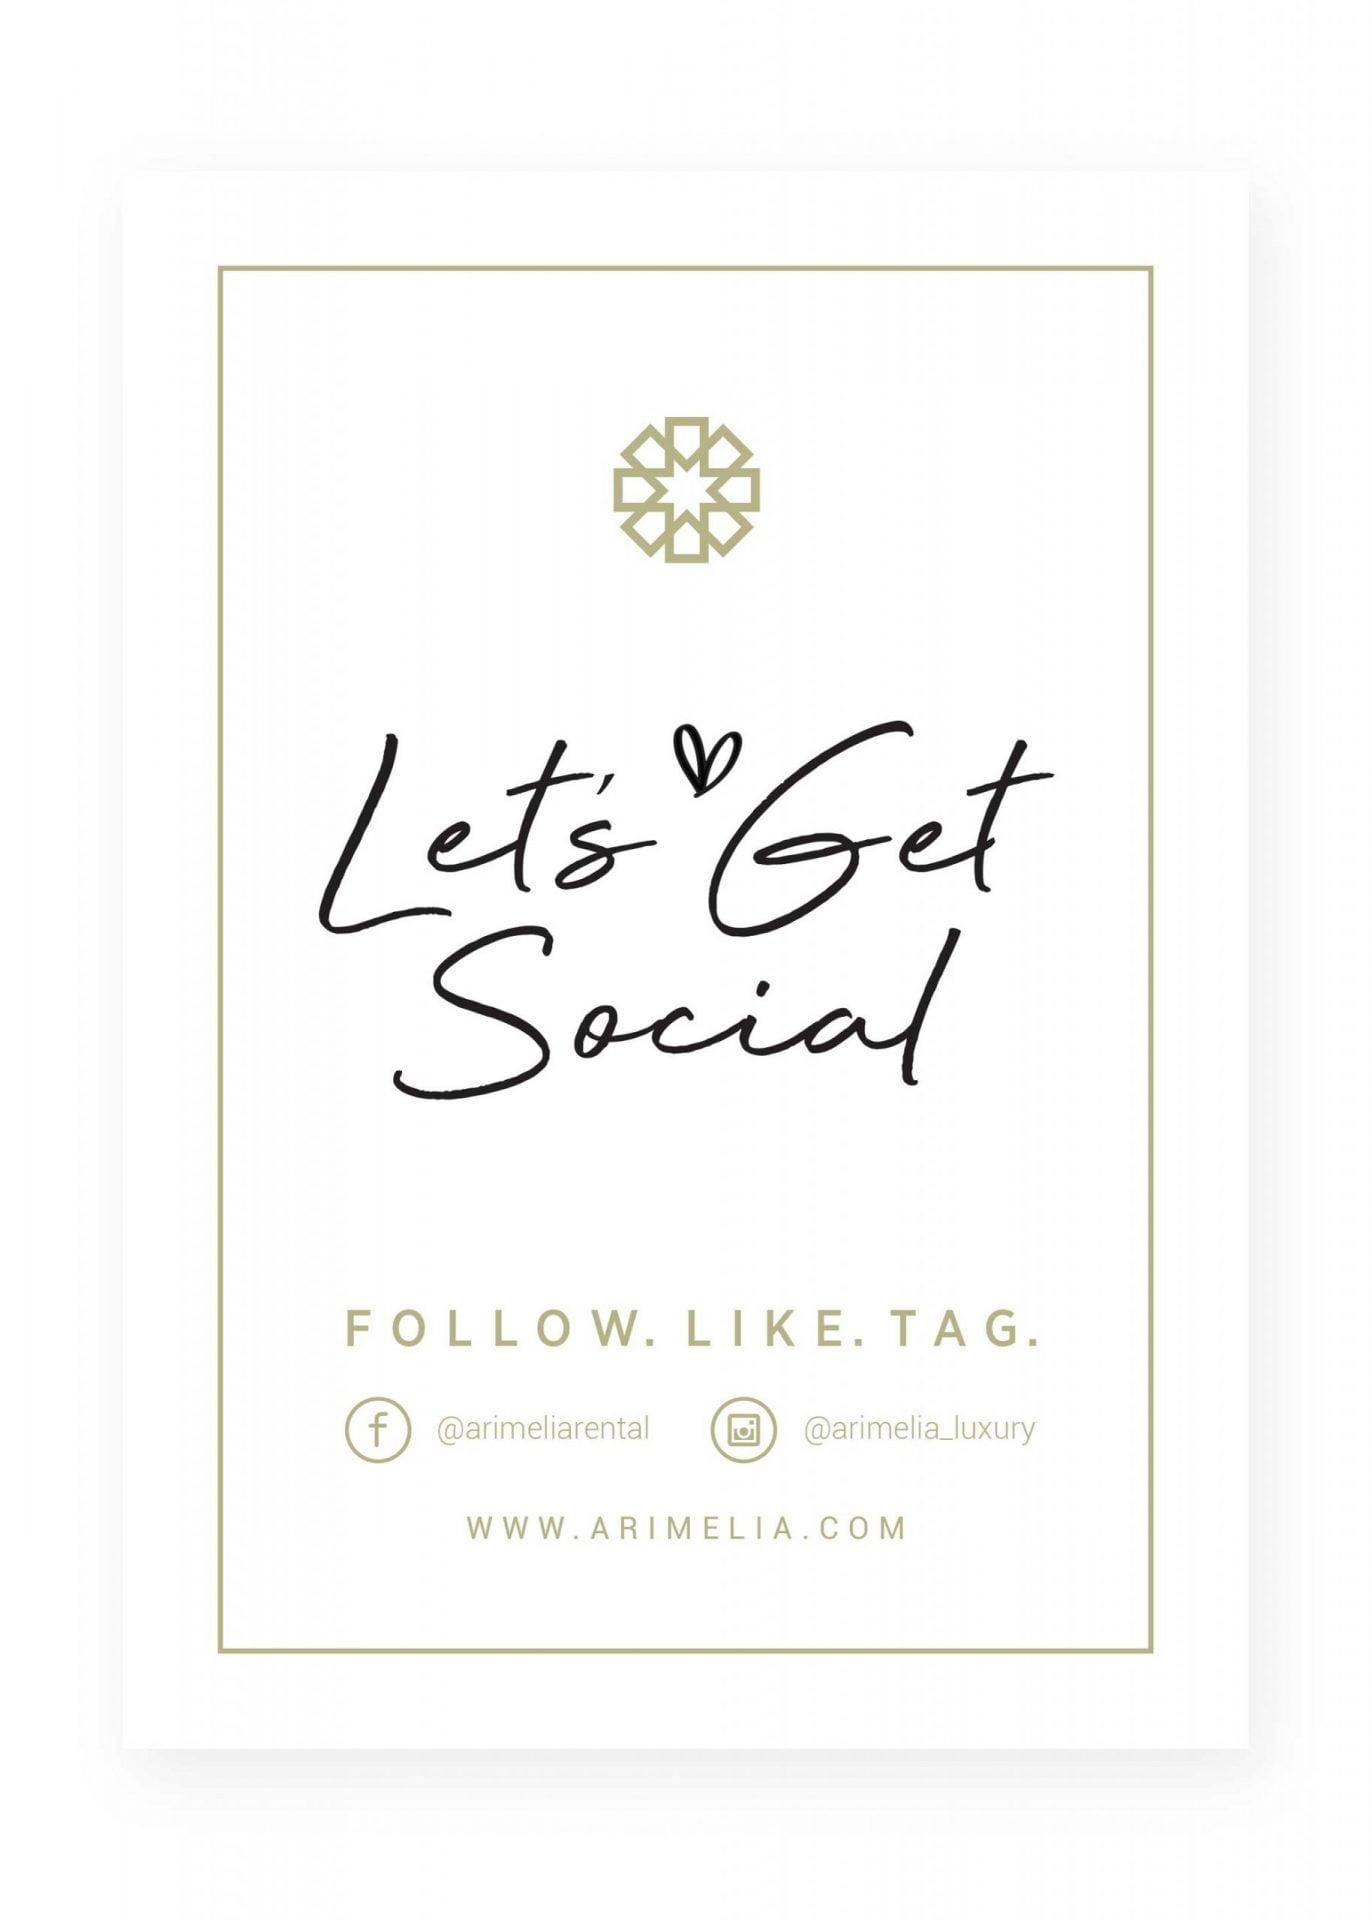 Arimelia Rental Lets Get Social Banner A5 Template design